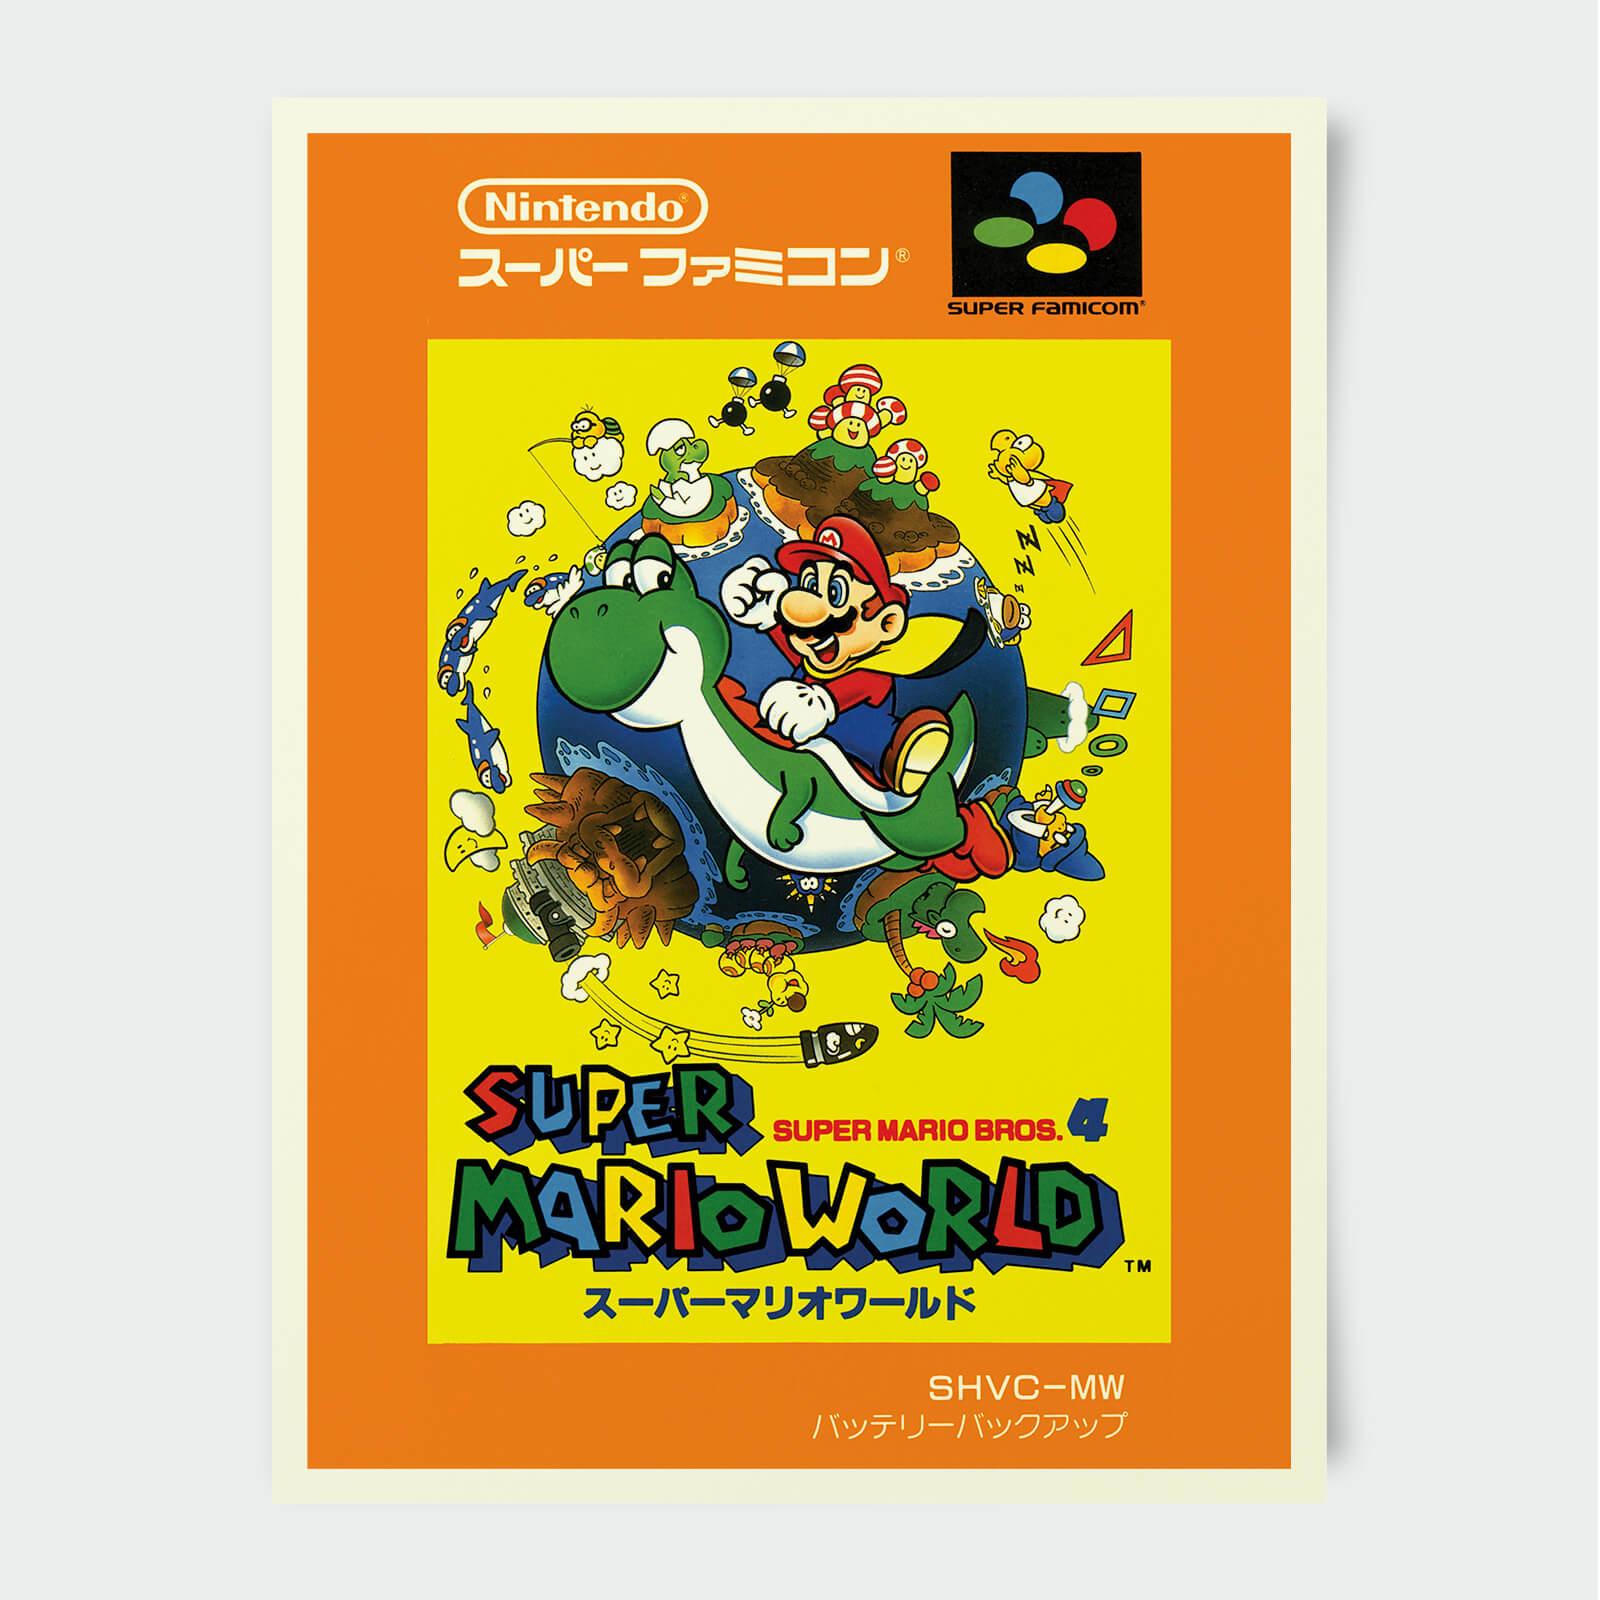 Nintendo Super Famicom Super Mario World Poster